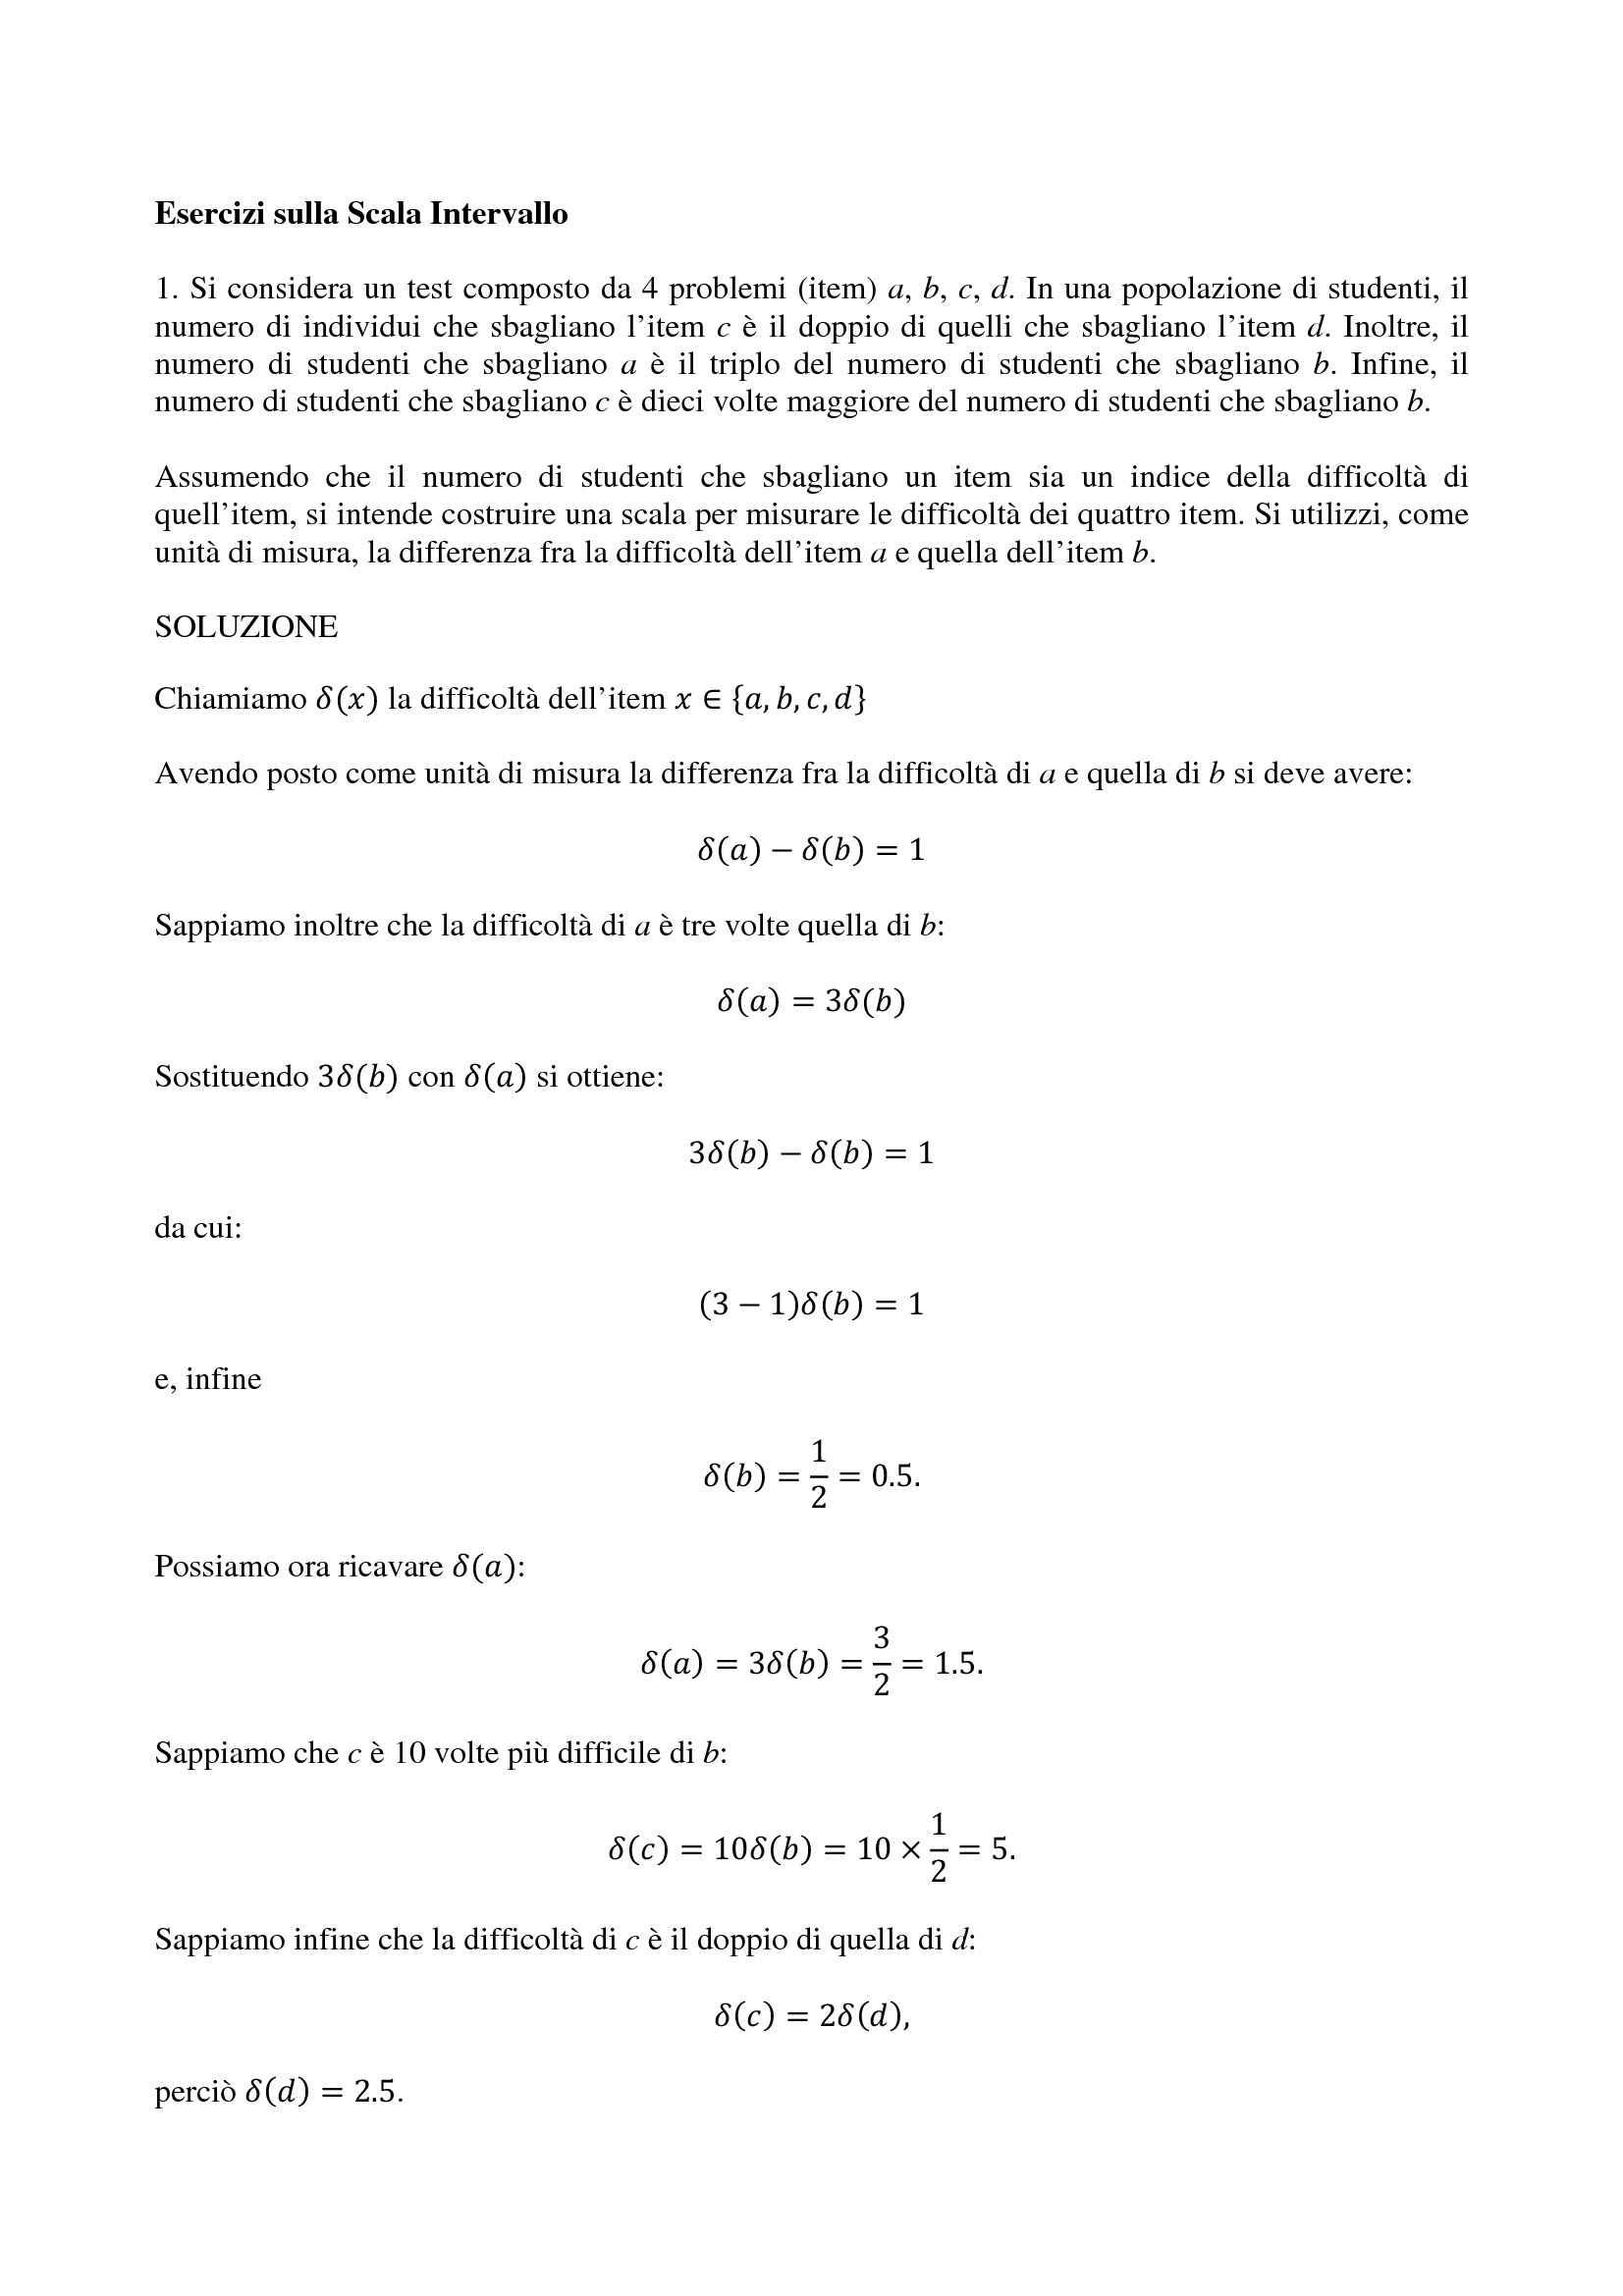 Scala Intervallo - Esercizi